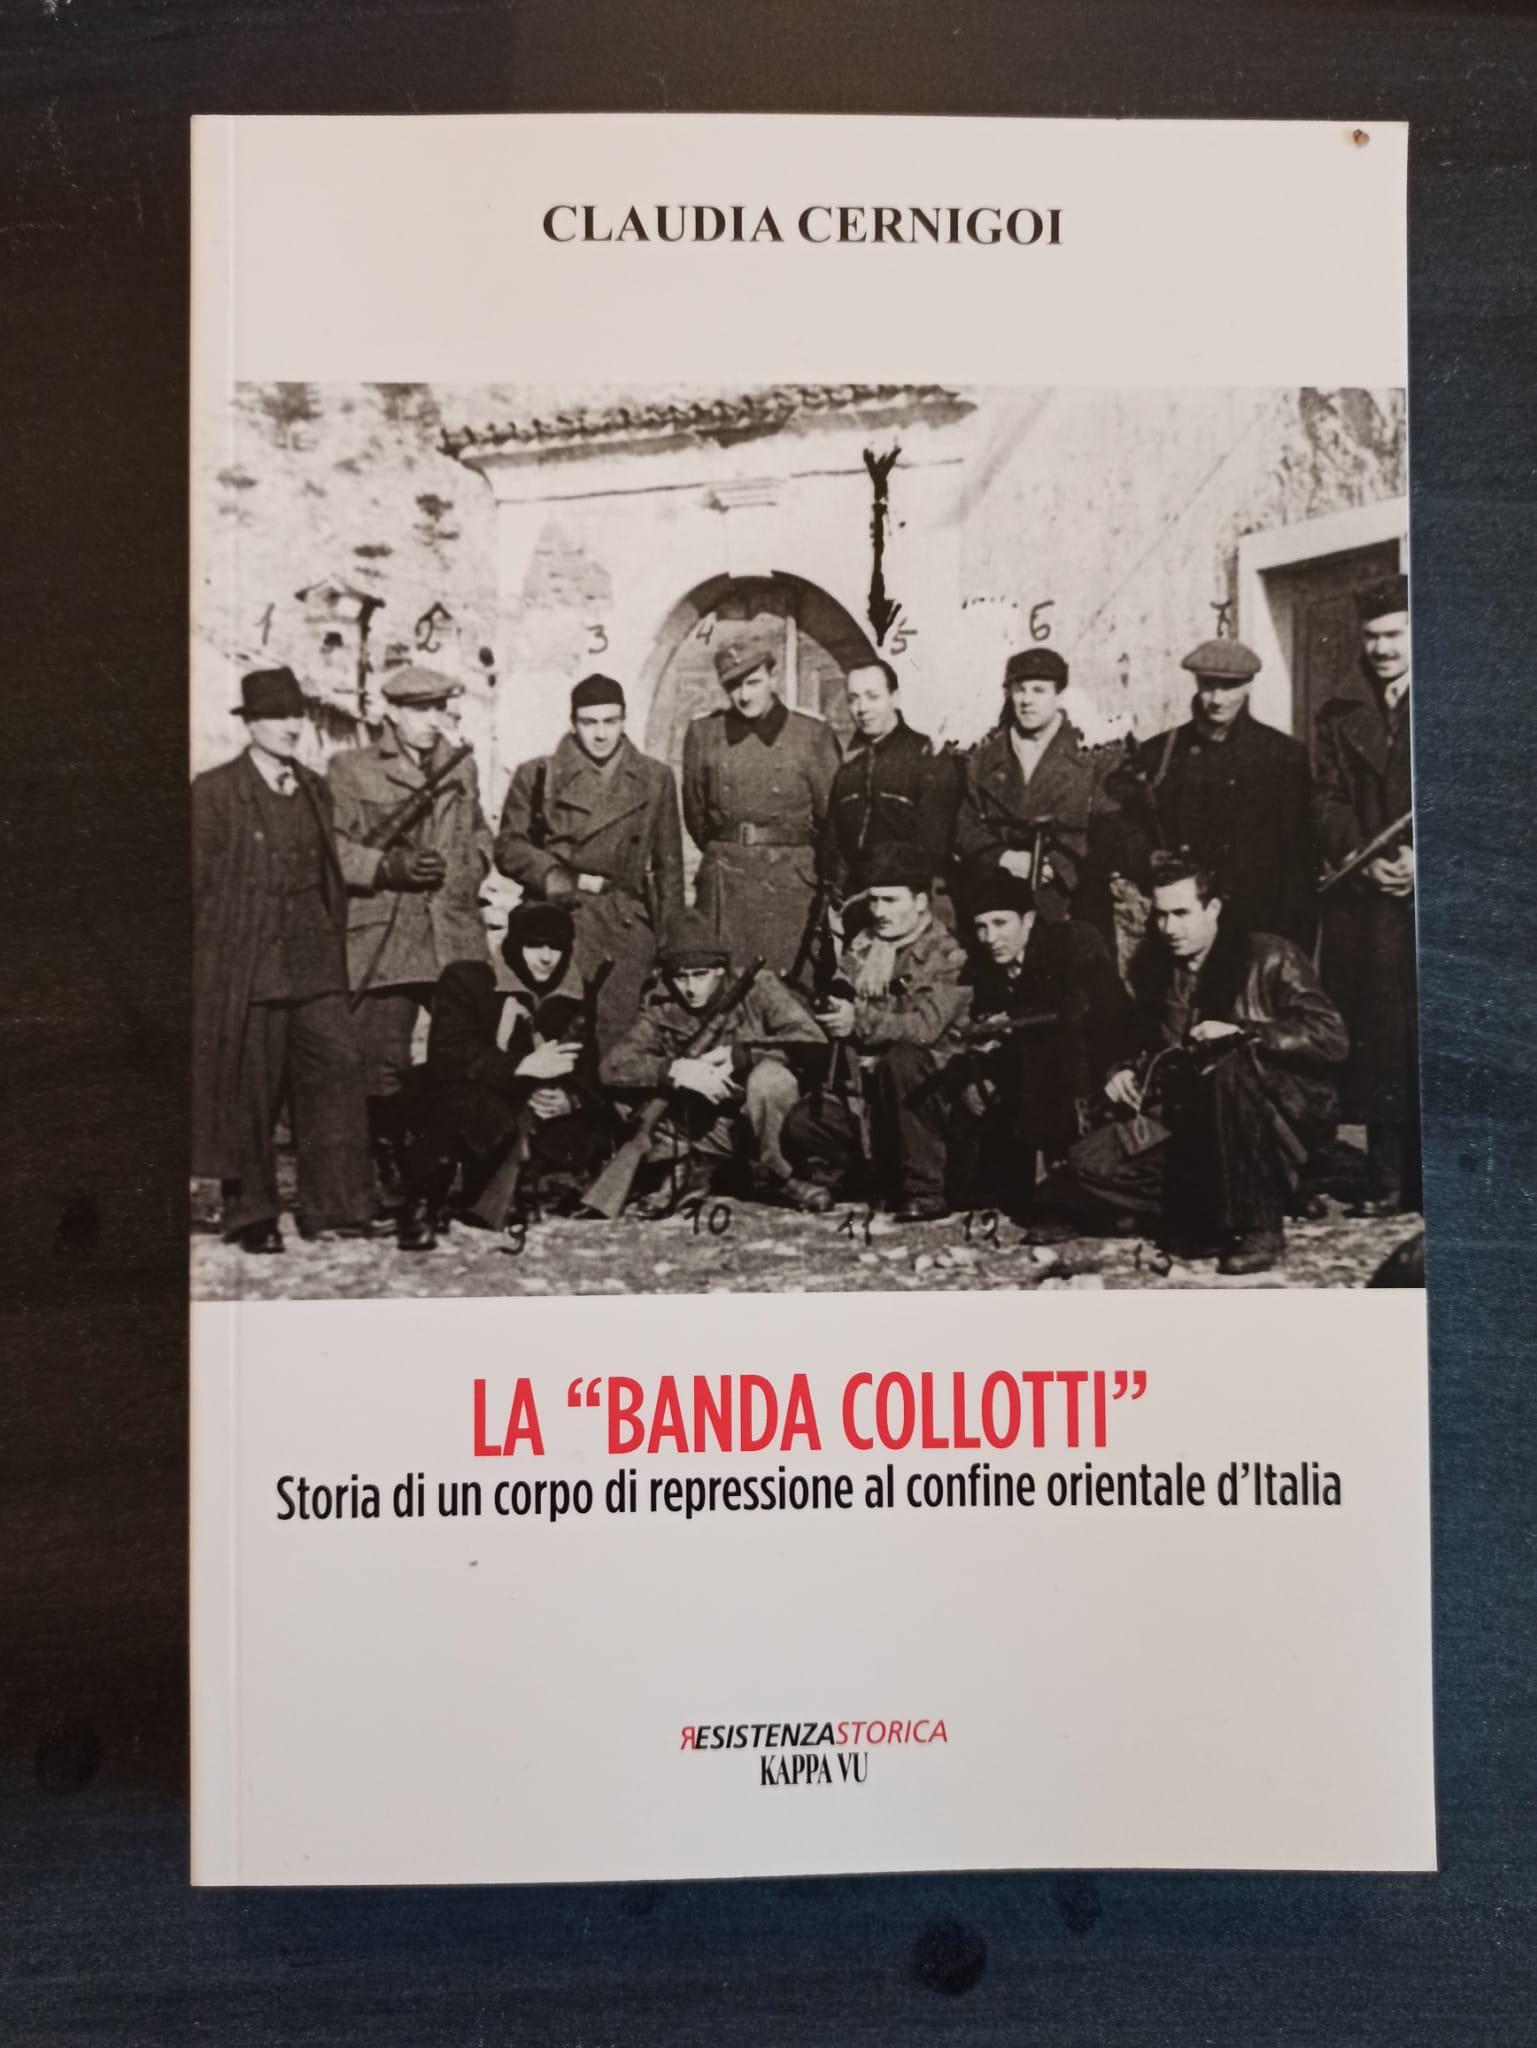 La Banda Collotti - Storia di un corpo di repressione al confine orientale d'Italia